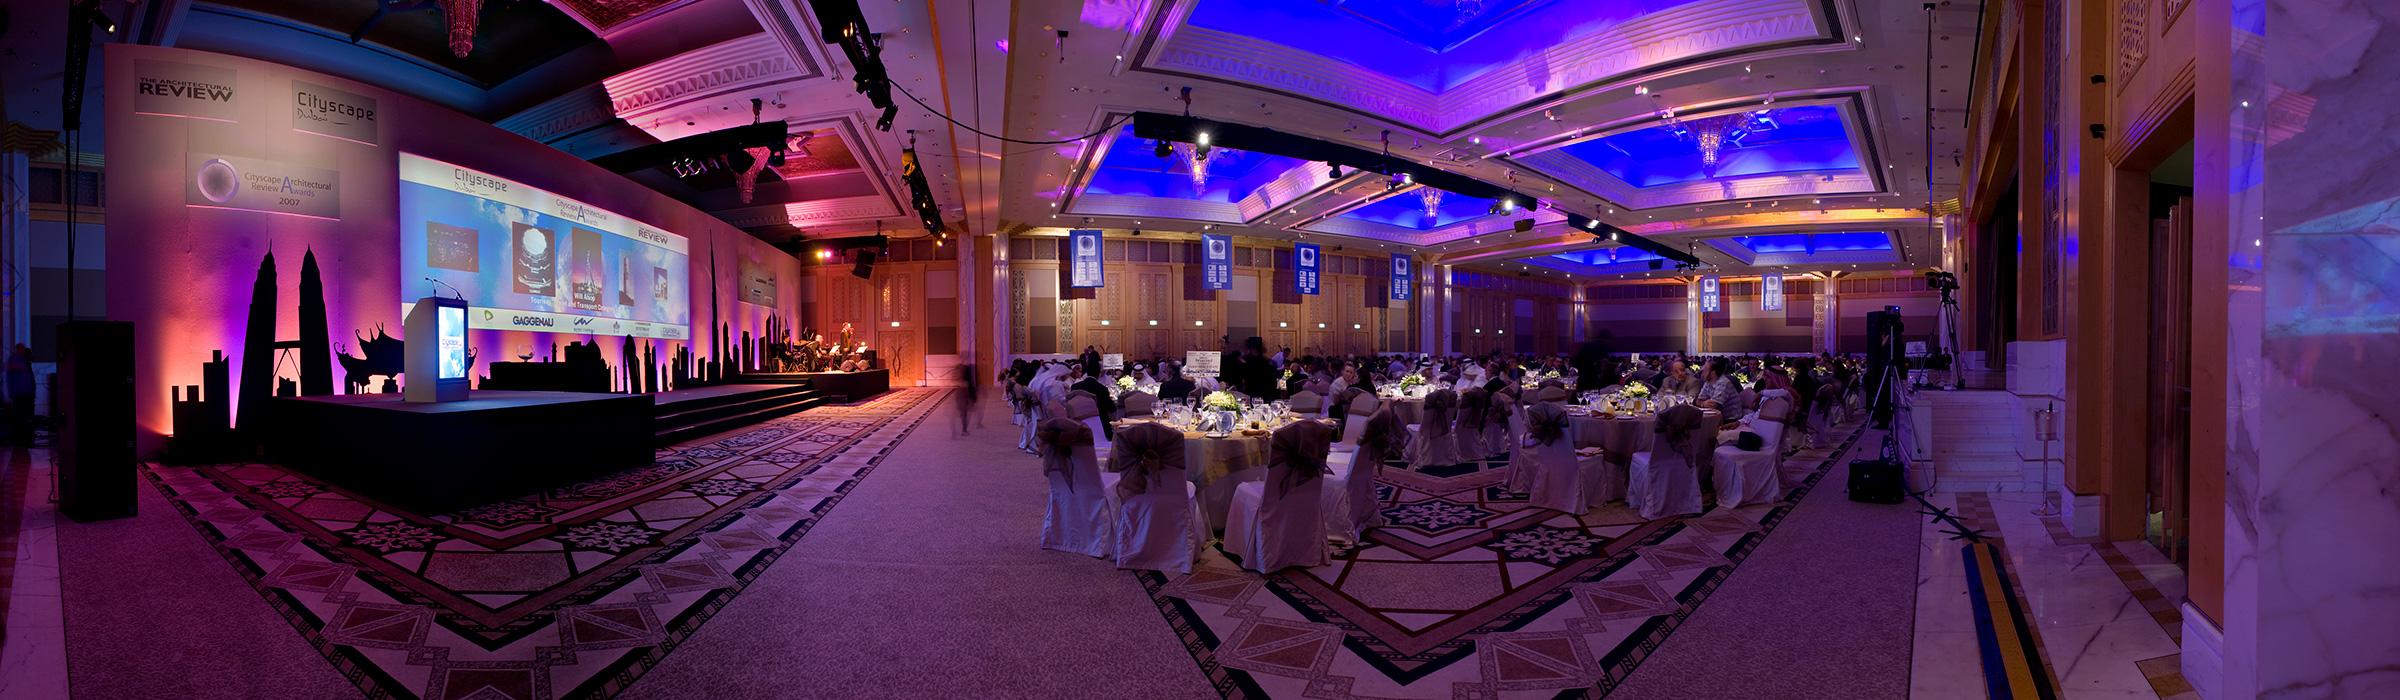 Veranstaltung in Dubai